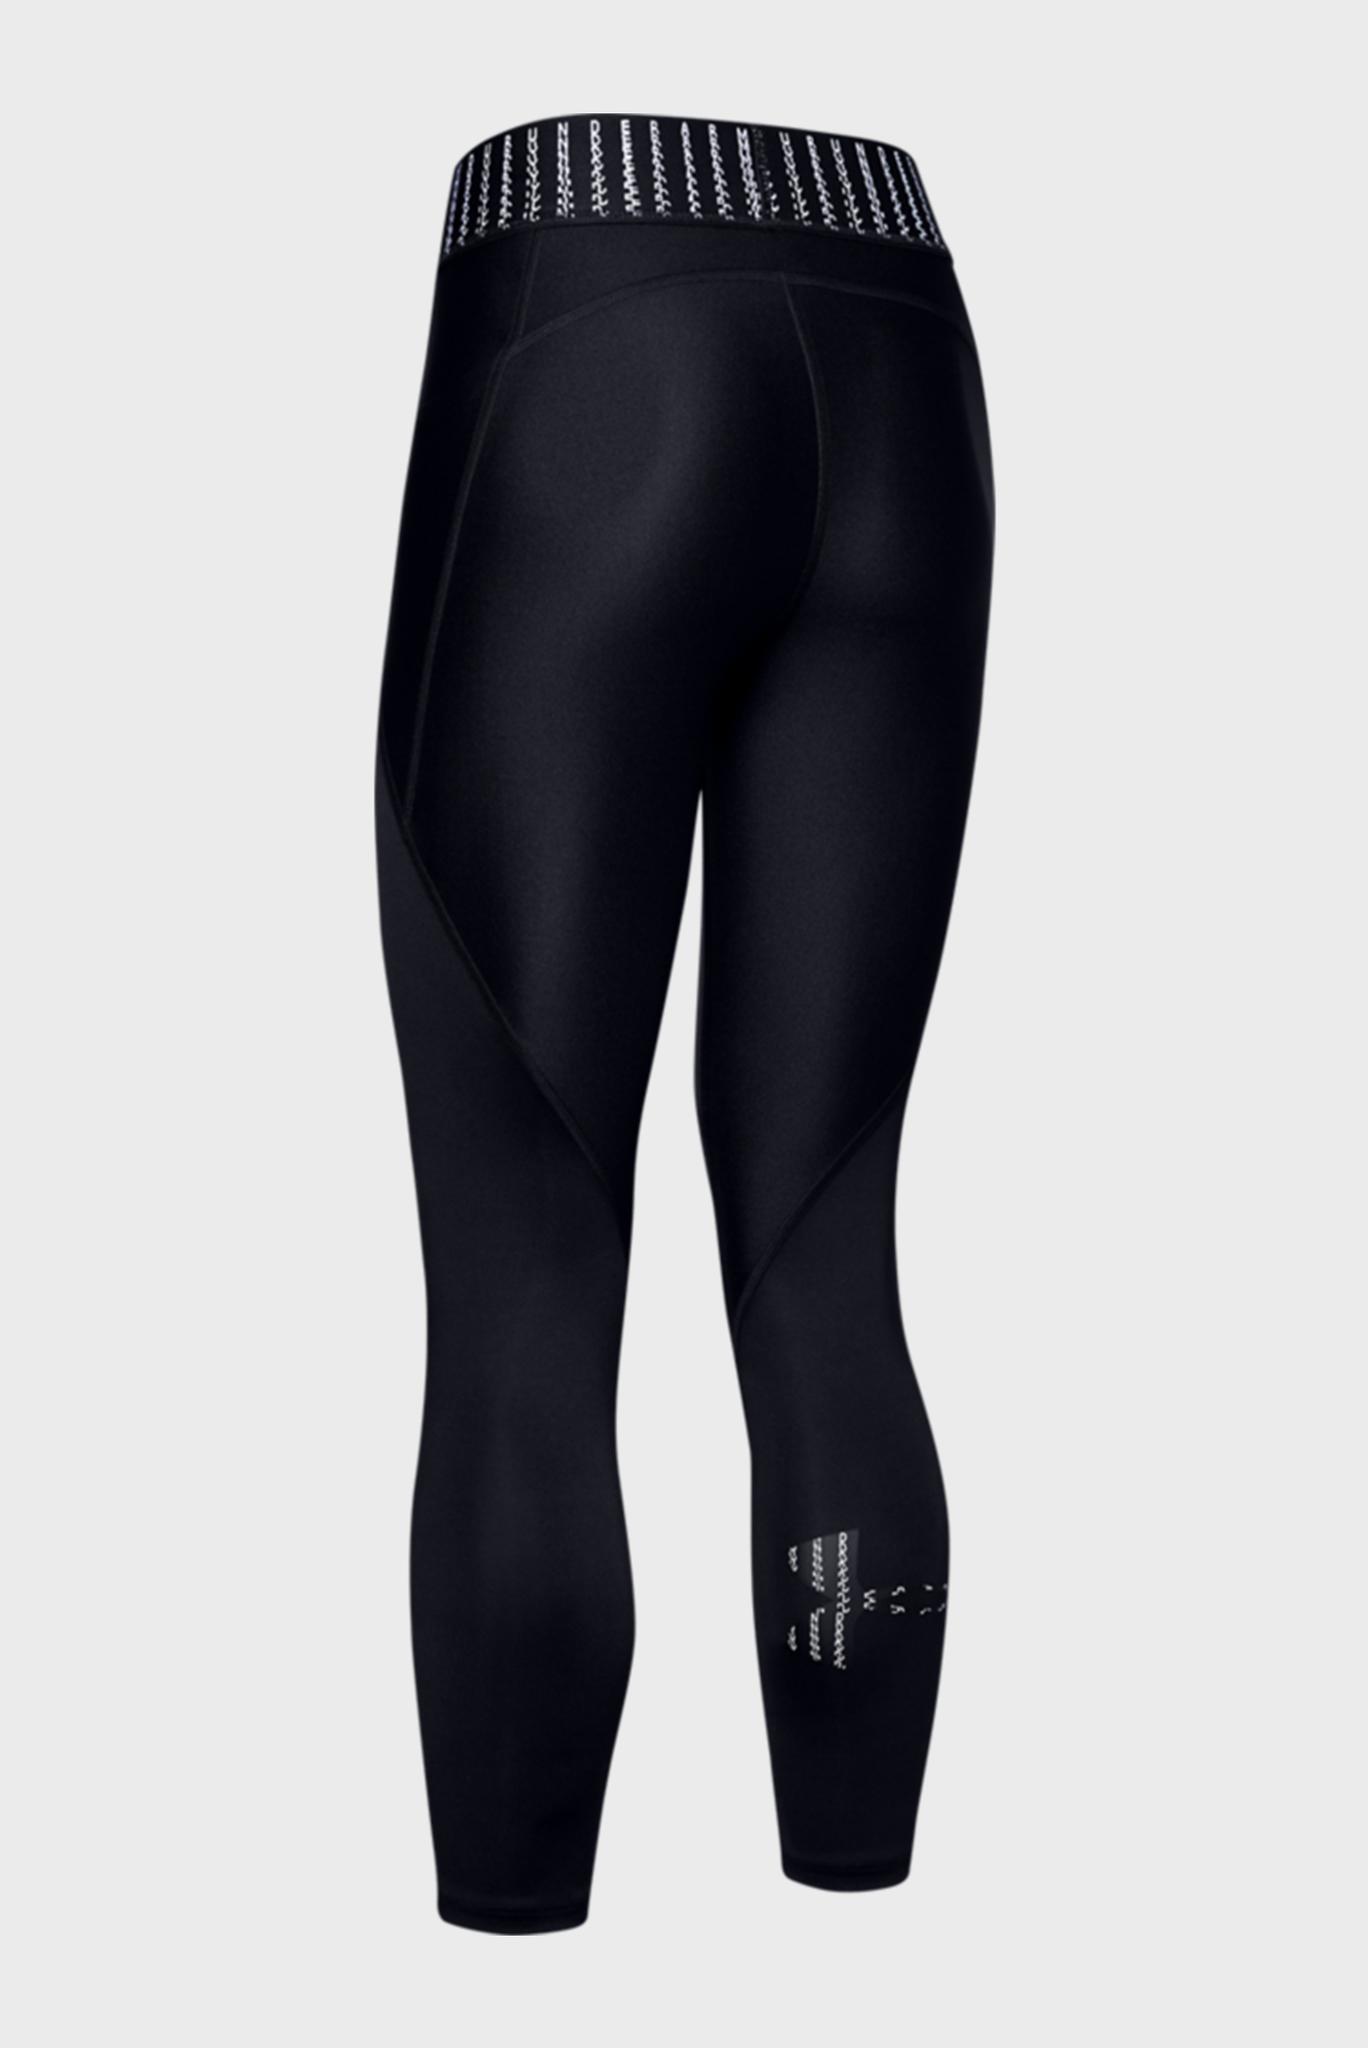 Женские черные спортивные тайтсы UA HG Armour Ankle Crop Colorblock Gr,SM Under Armour